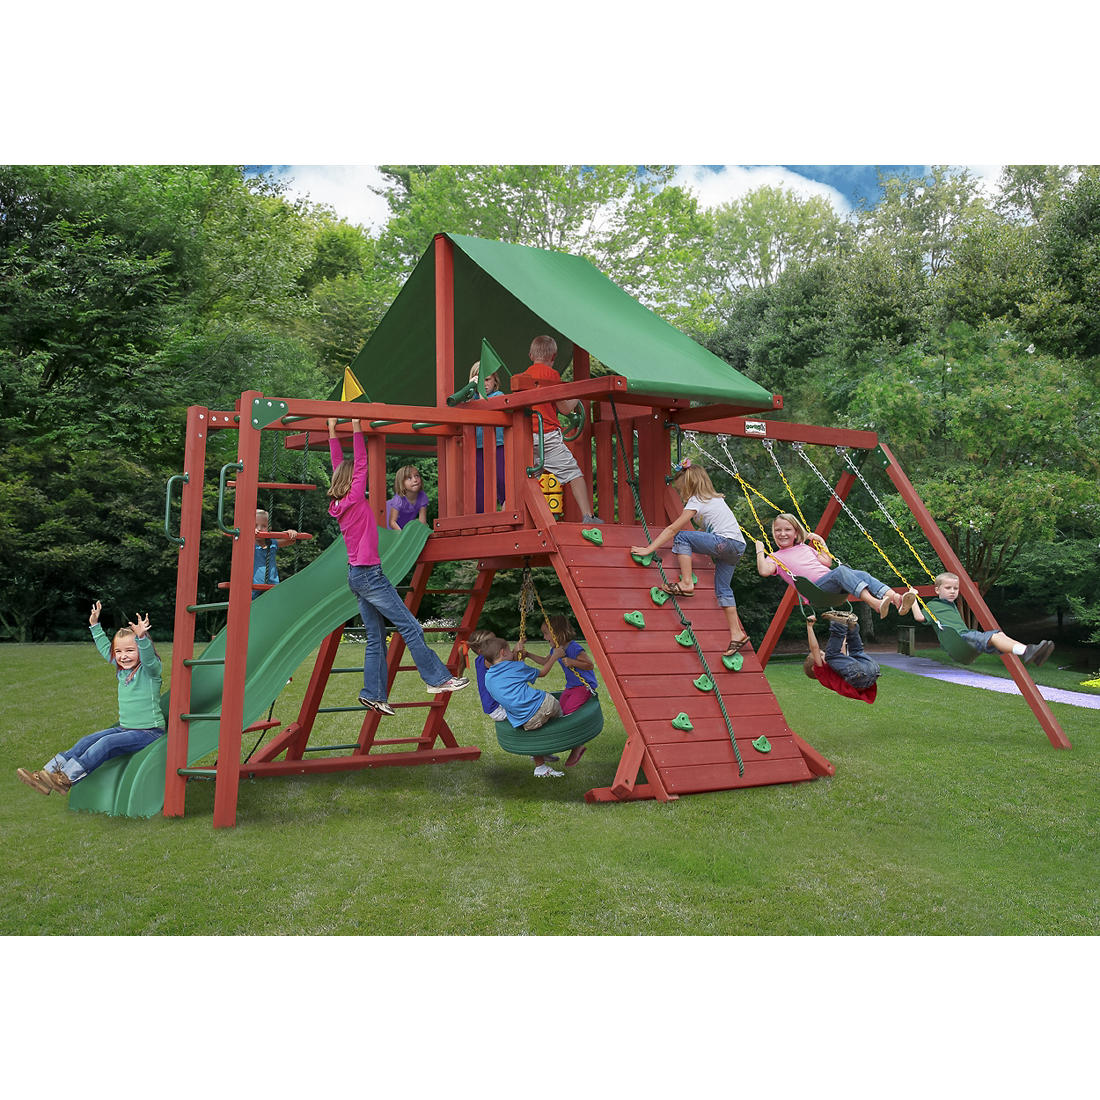 Gorilla Playsets Rockwood Wooden Cedar Swing Set With Deluxe Green Vinyl Canopy